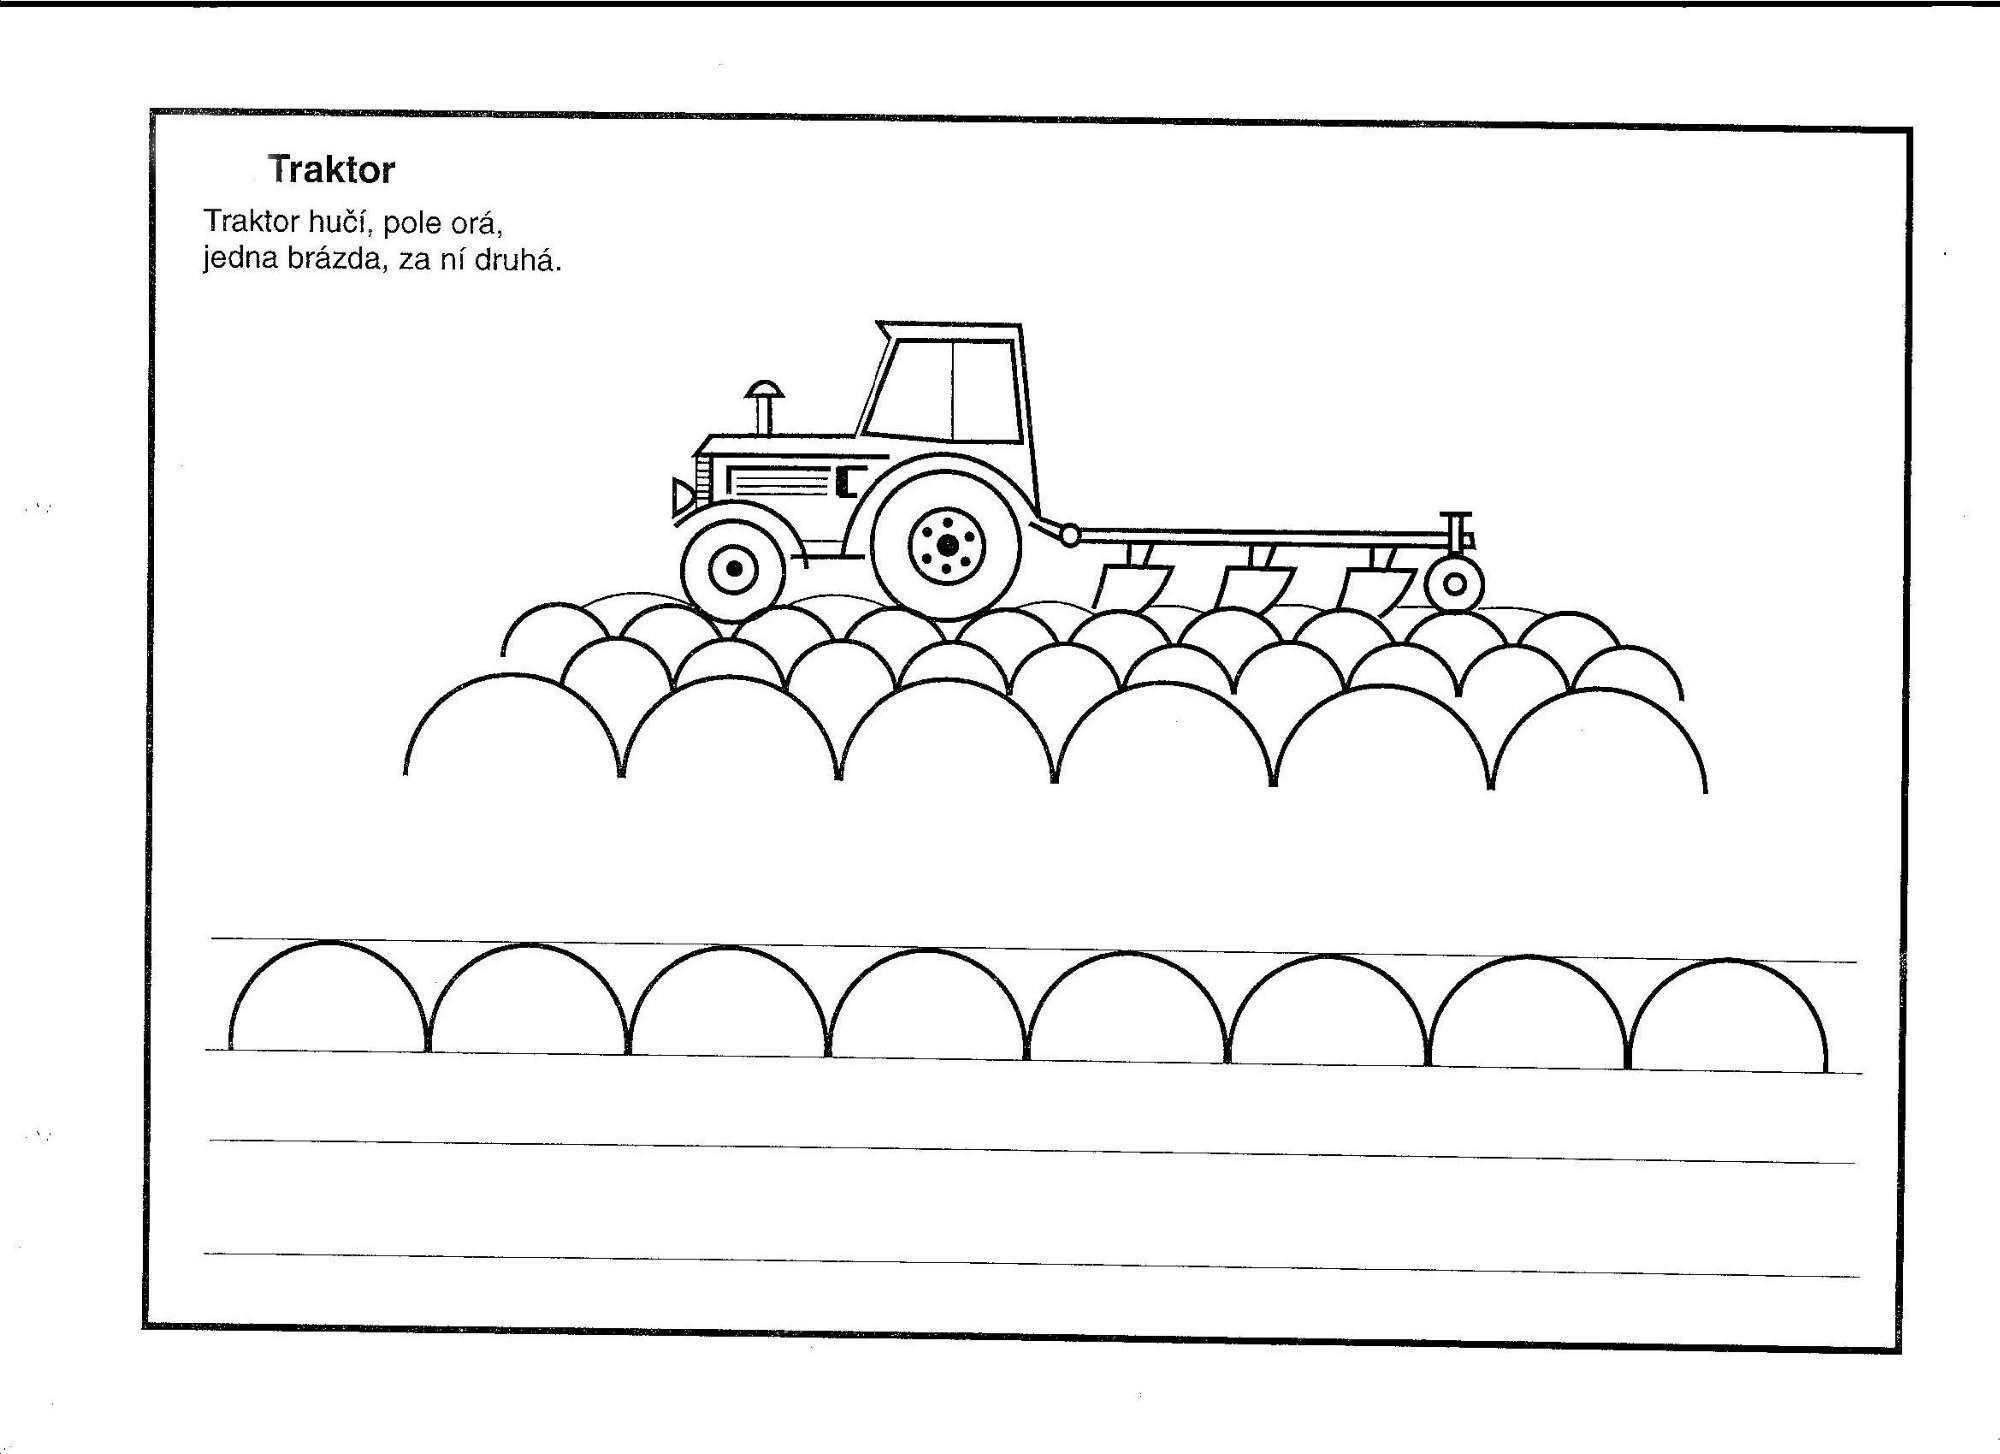 Pencil control worksheet for kids 187 tracing line worksheet for kids - Worksheets Pracovn List Traktor Hledat Googlem